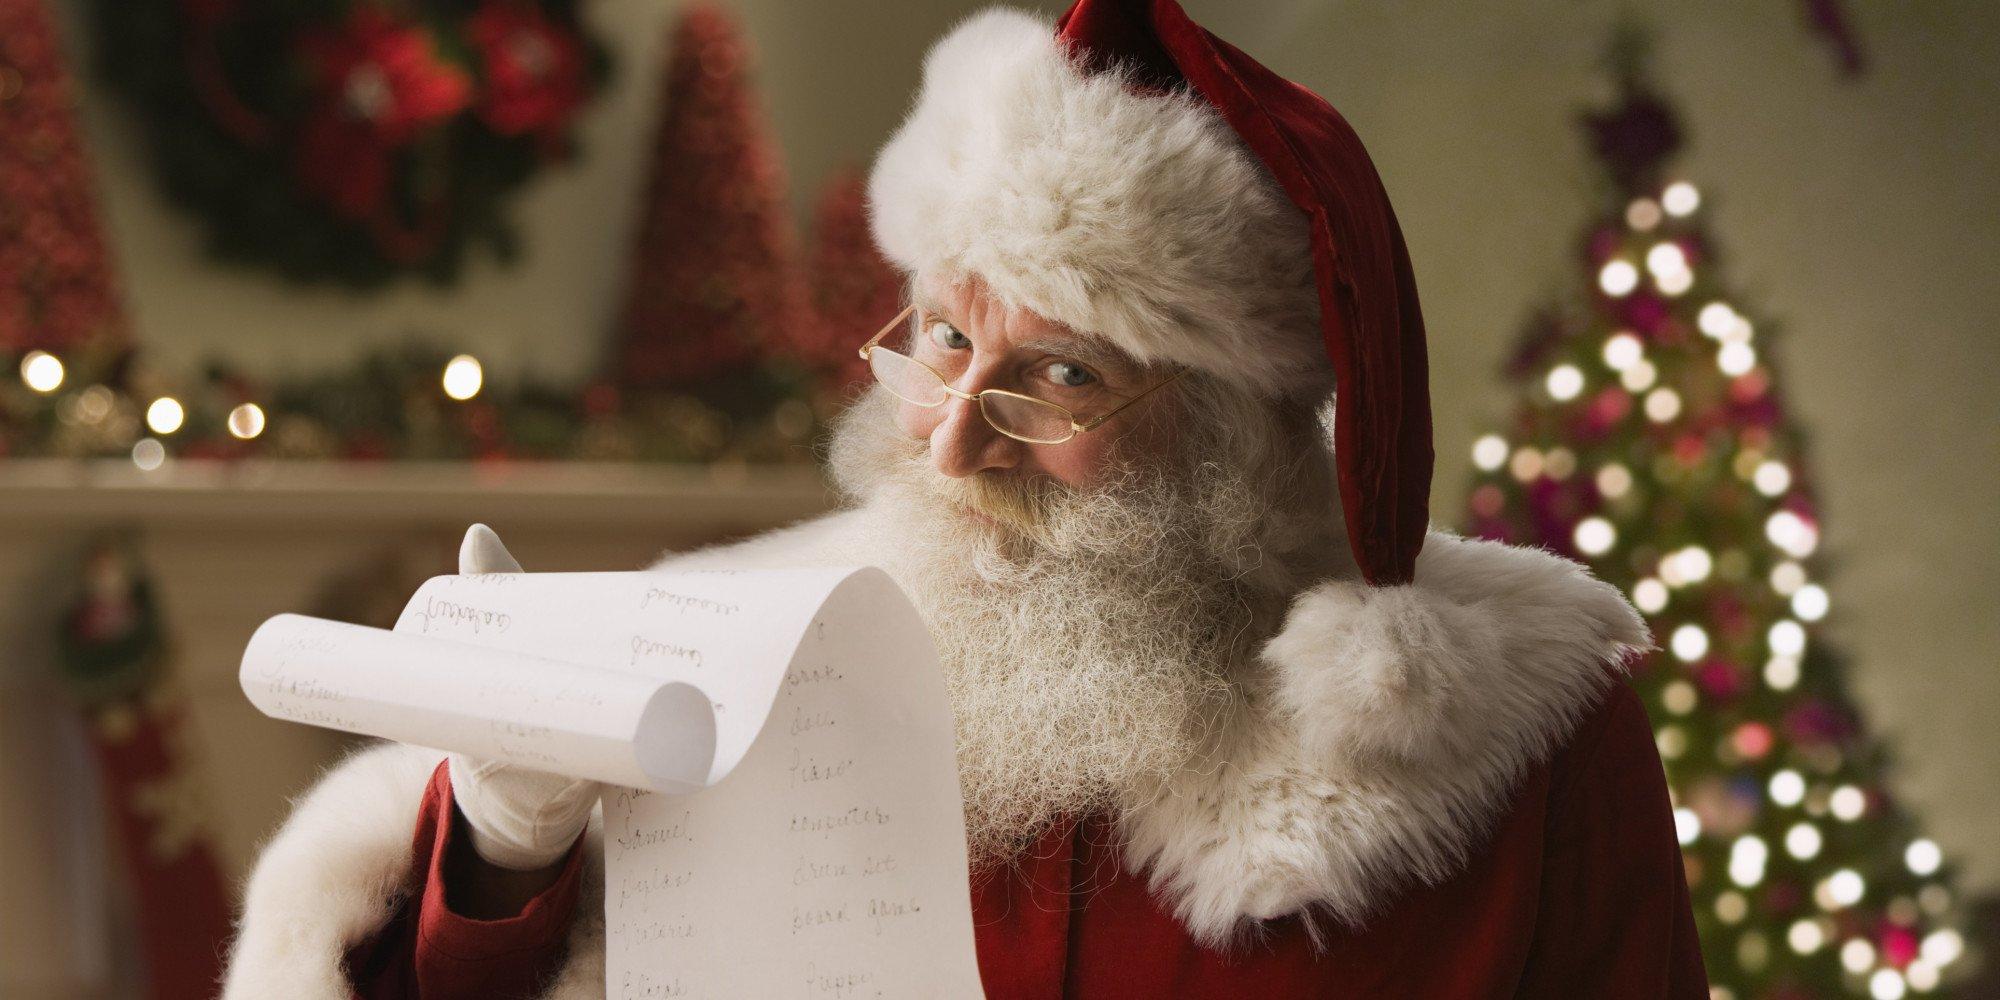 25 gedichte f r weihnachten f r gro und klein deko feiern weihnachtsdeko ideen zenideen - Dekorationsvorschlage fur weihnachten ...